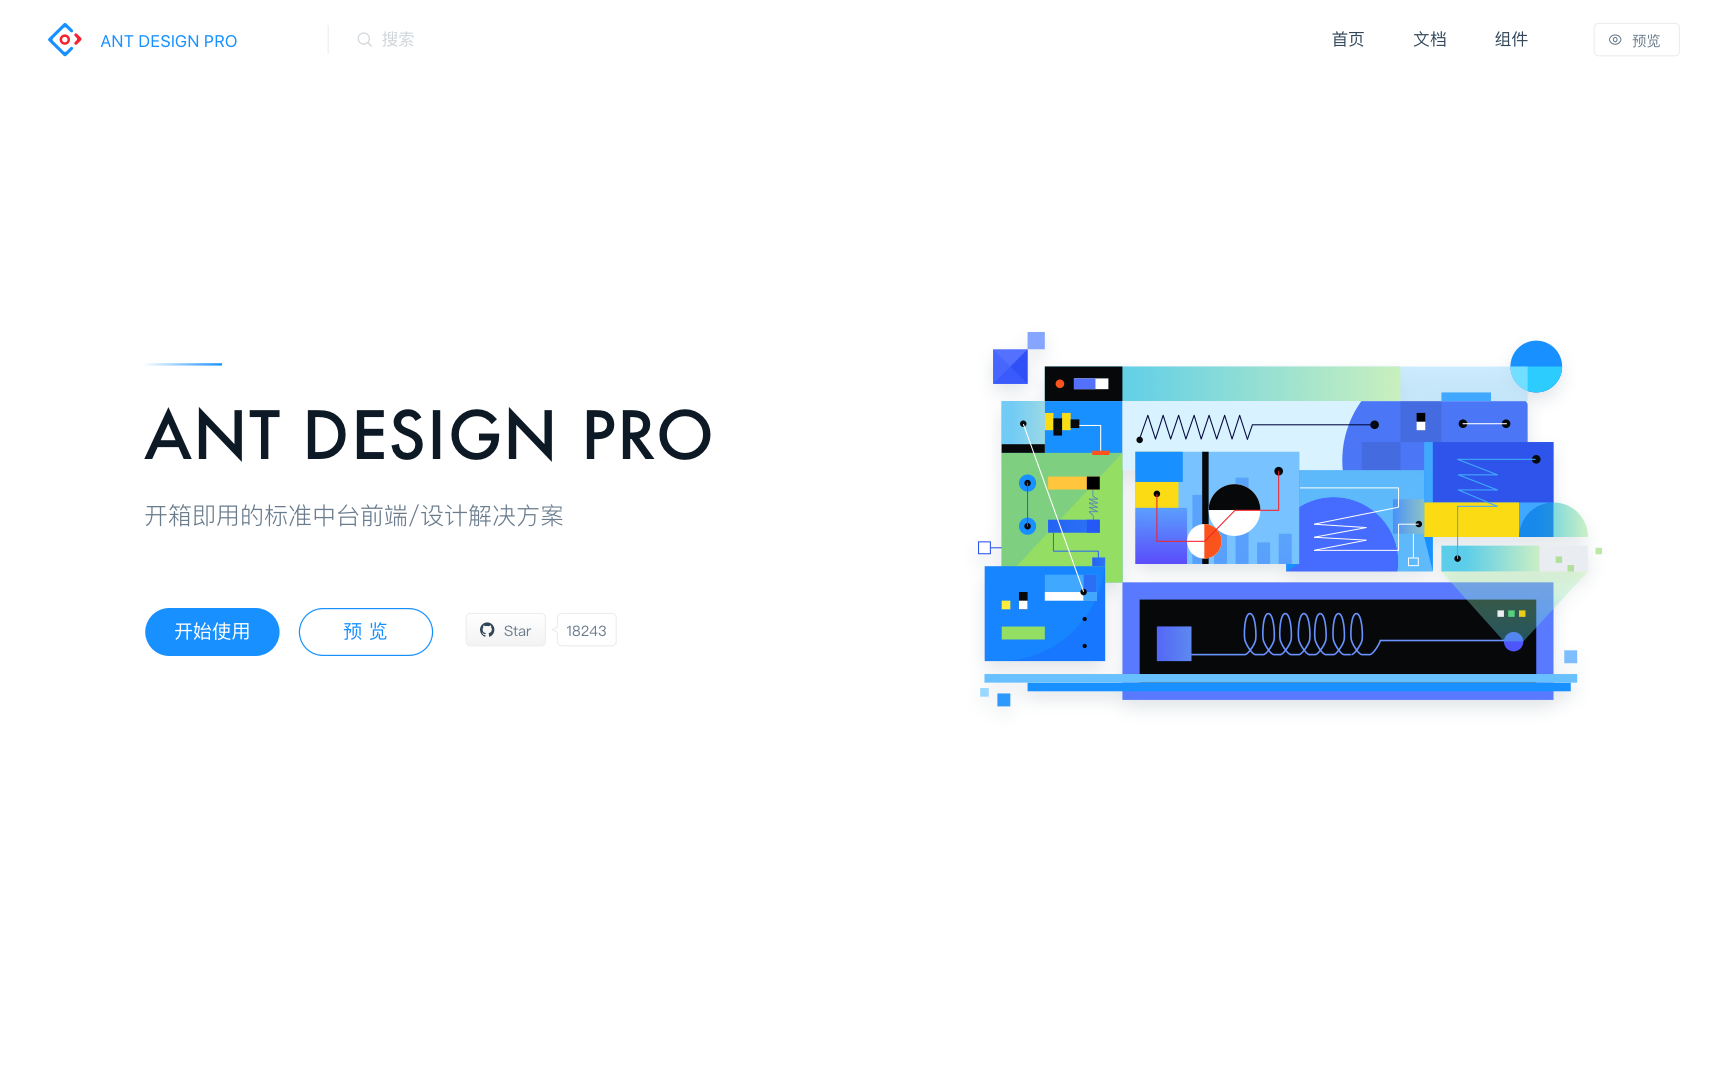 Ant Design Pro